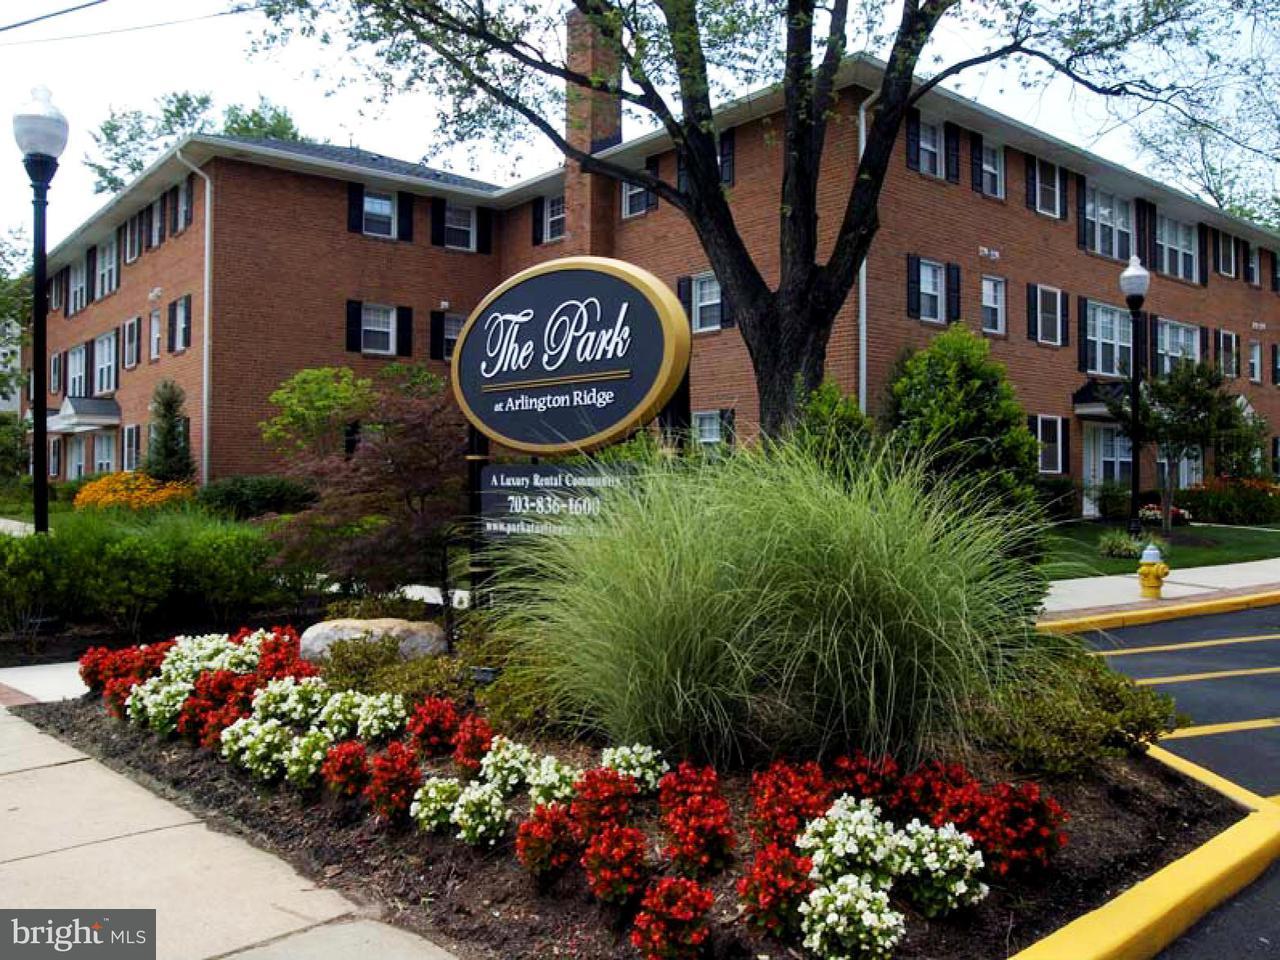 Condominium for Rent at 1800 S. 26th St #101 Arlington, Virginia 22206 United States